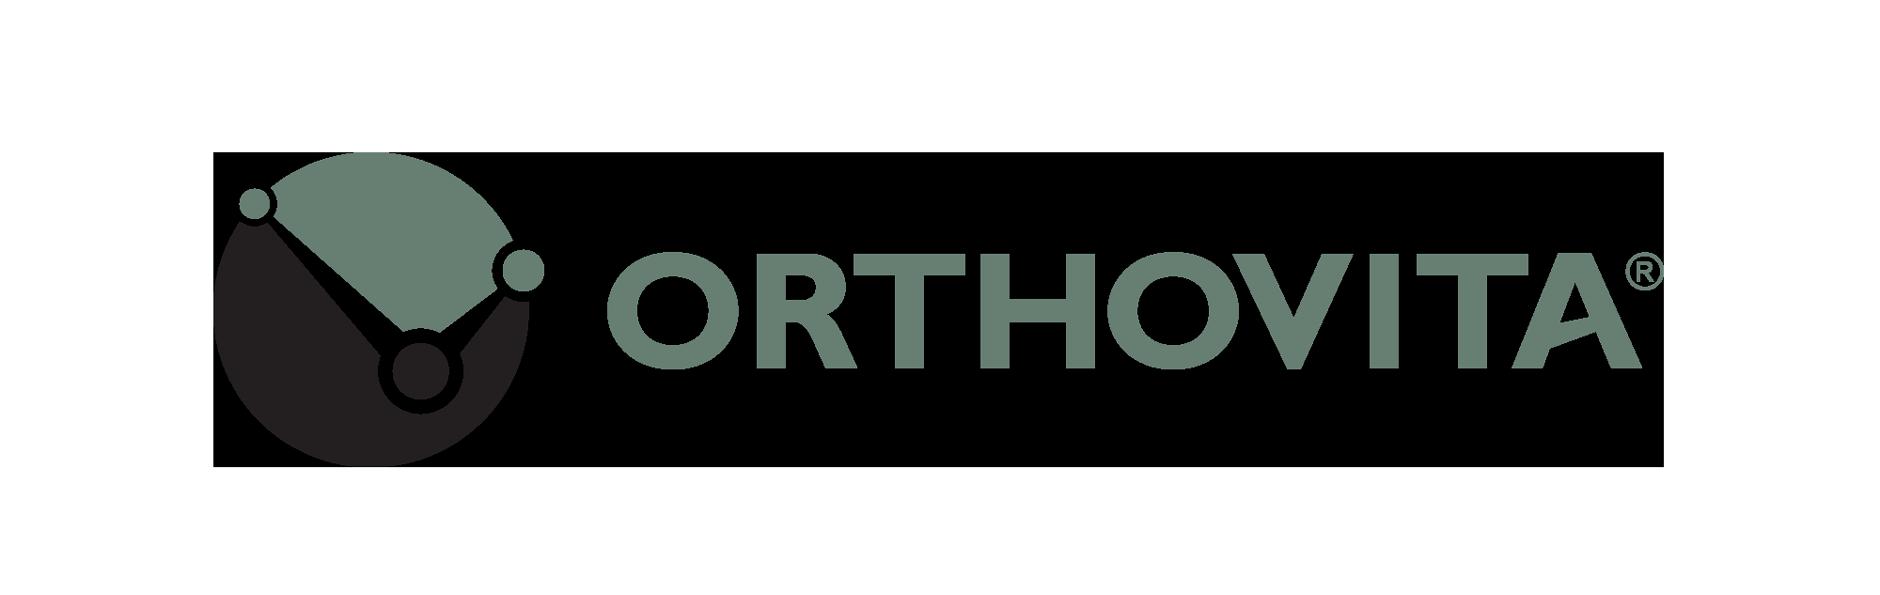 Orthovita Branding Logo Full | Branding | Healthy Brand